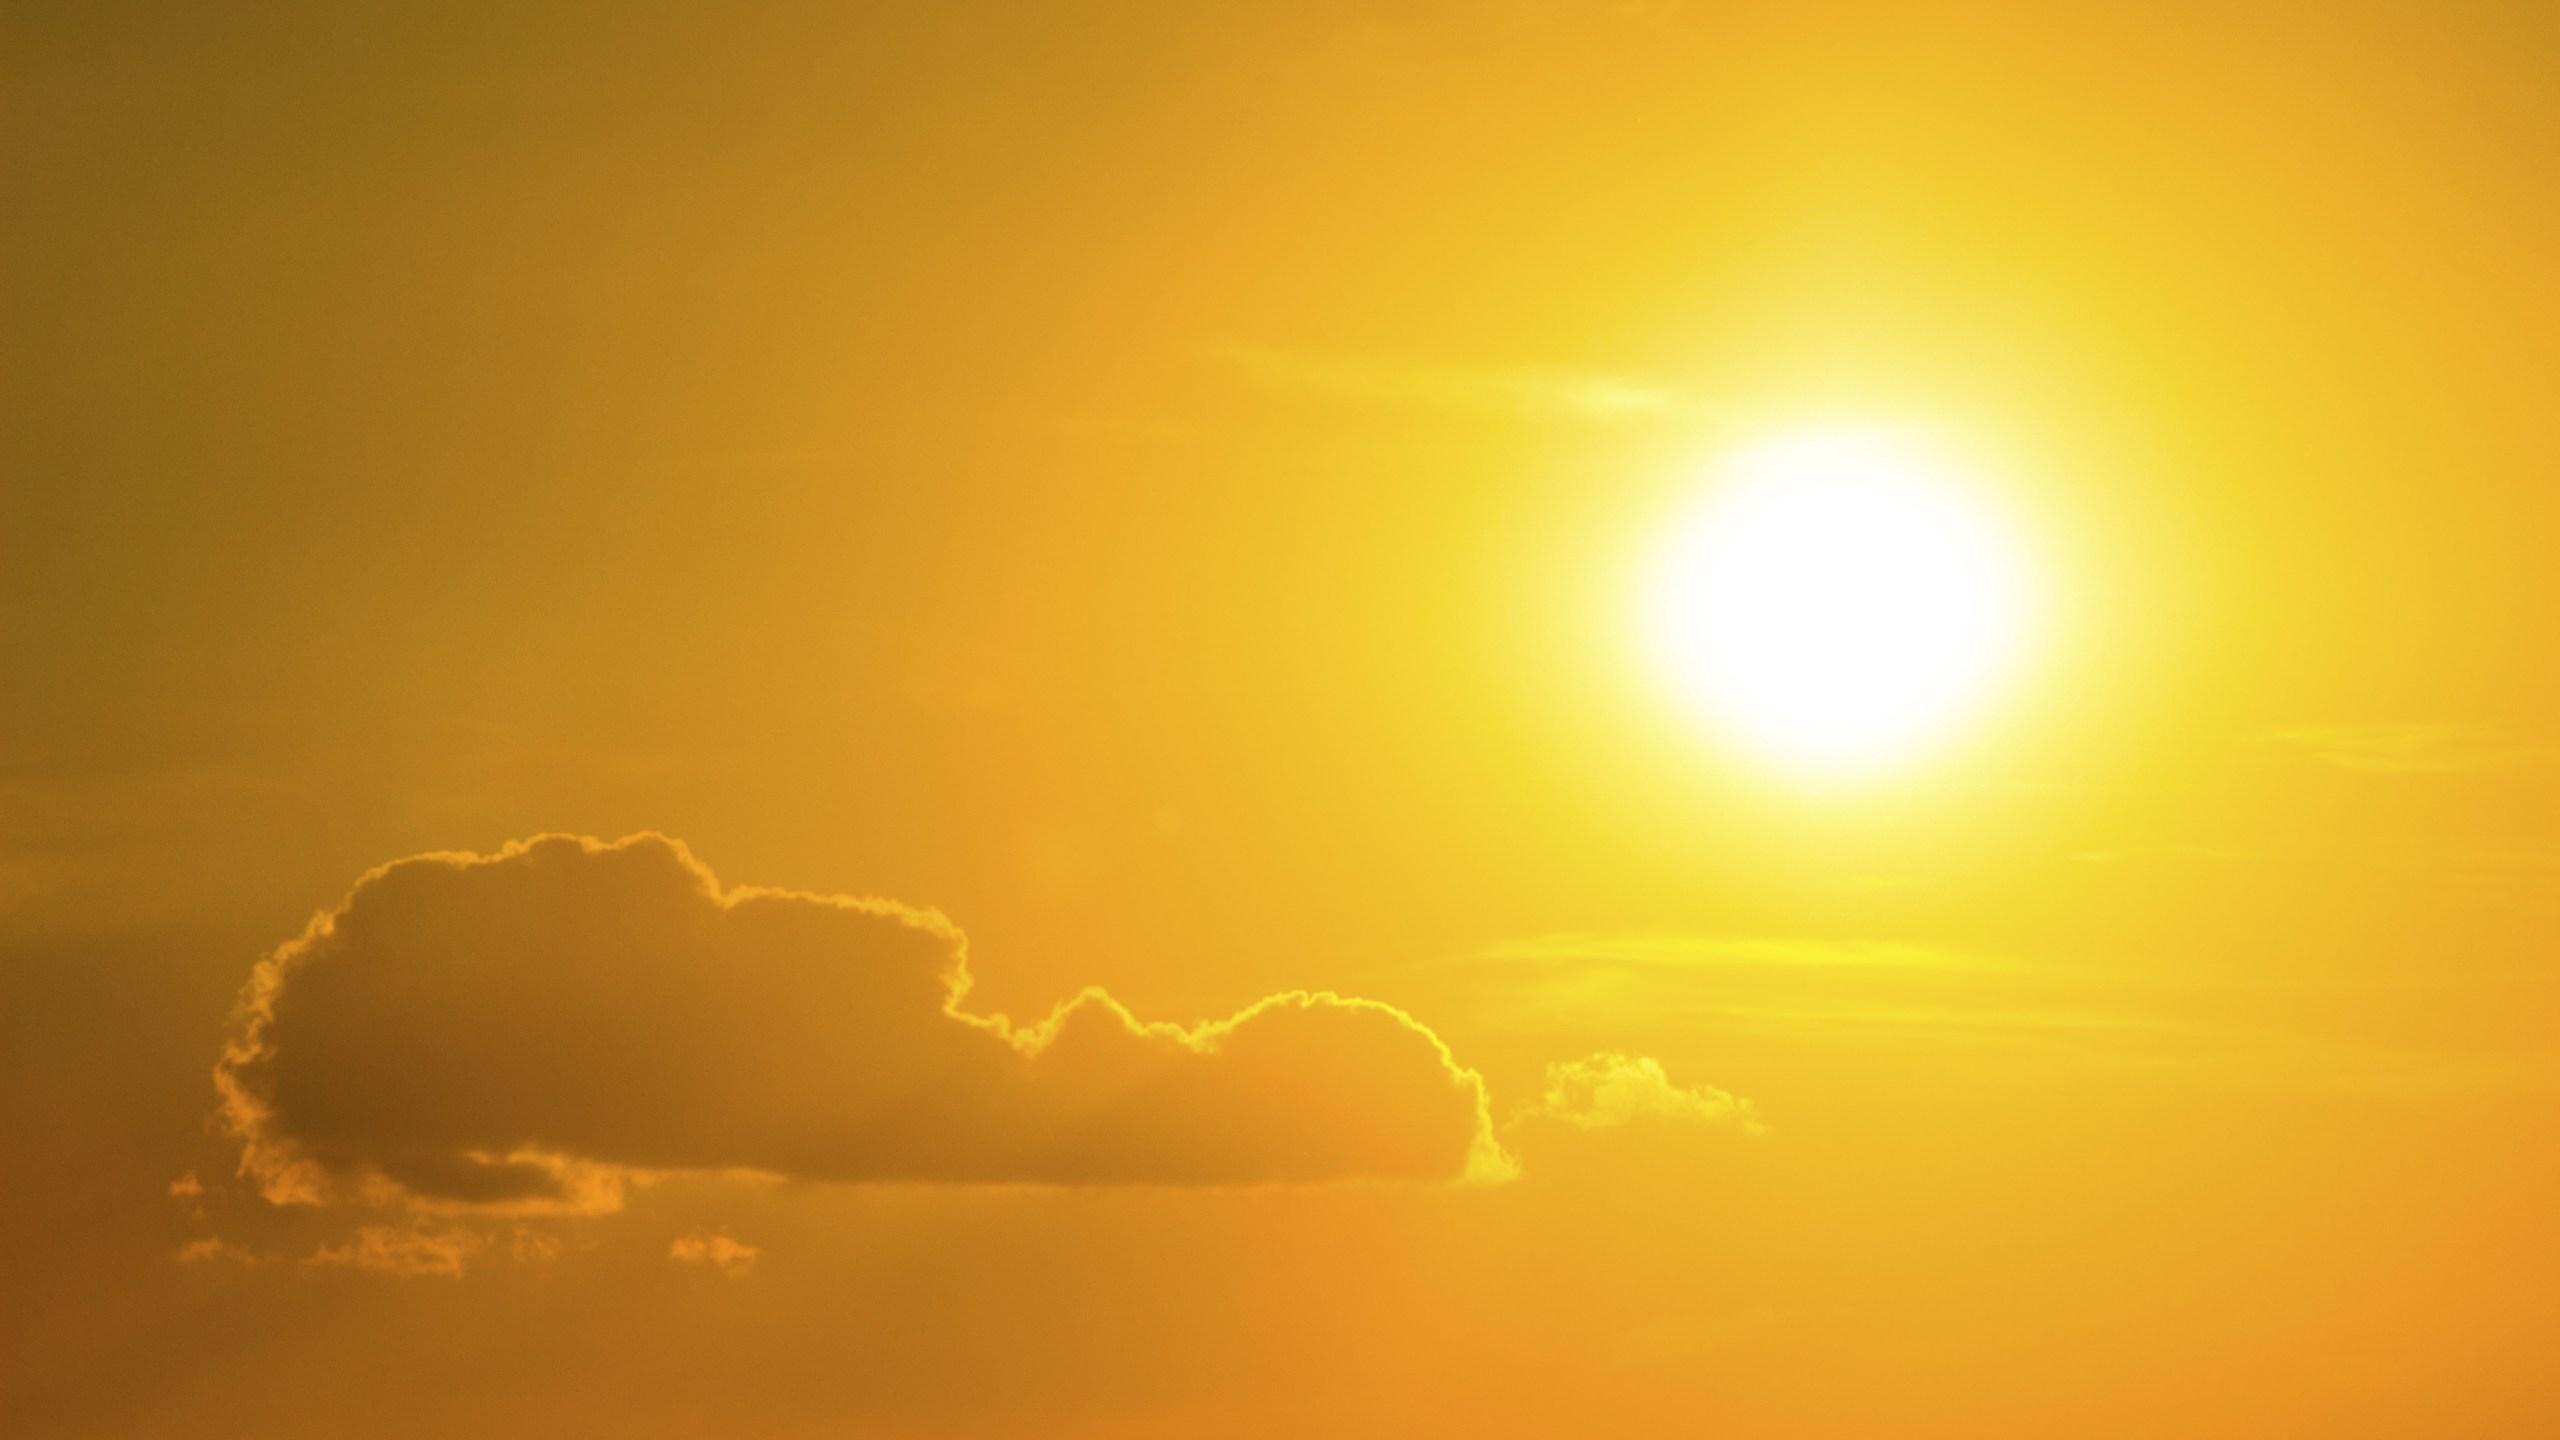 Sun, cloud, heat